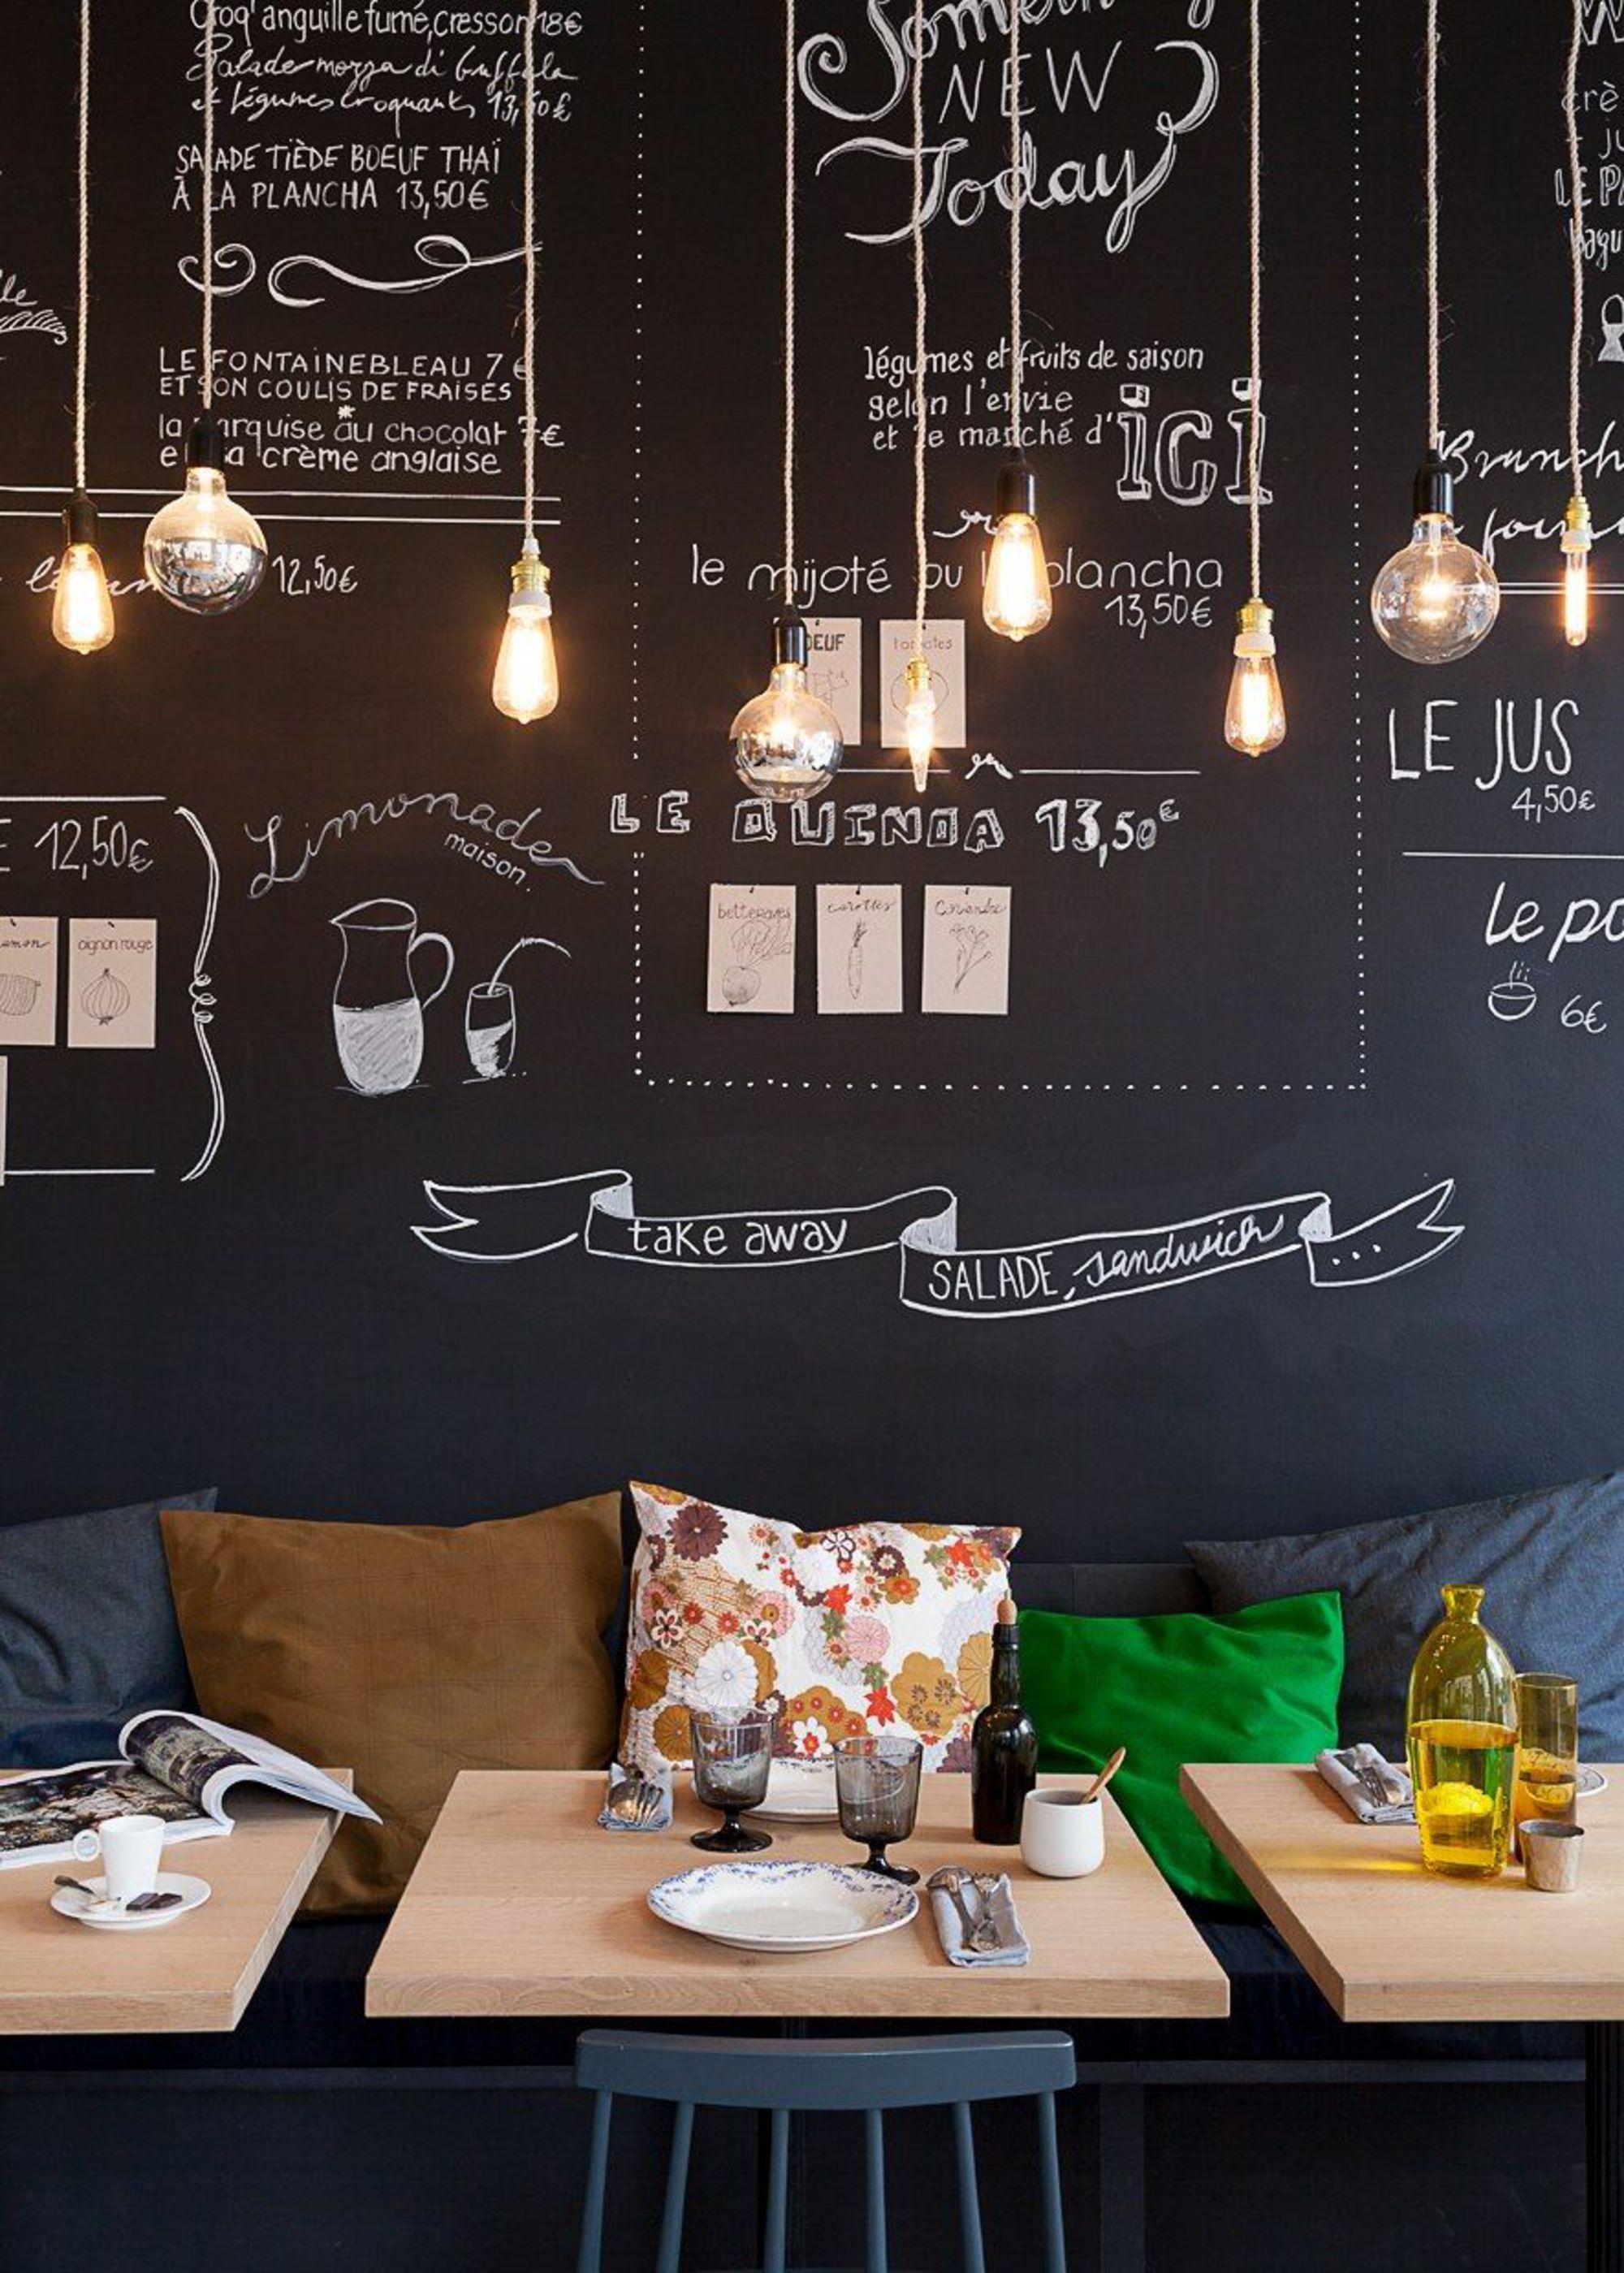 Deco Cuisine Bistrot Idées Déco Esprit Cuisines Et Idee Deco - Le guide des antiquaires pour idees de deco de cuisine